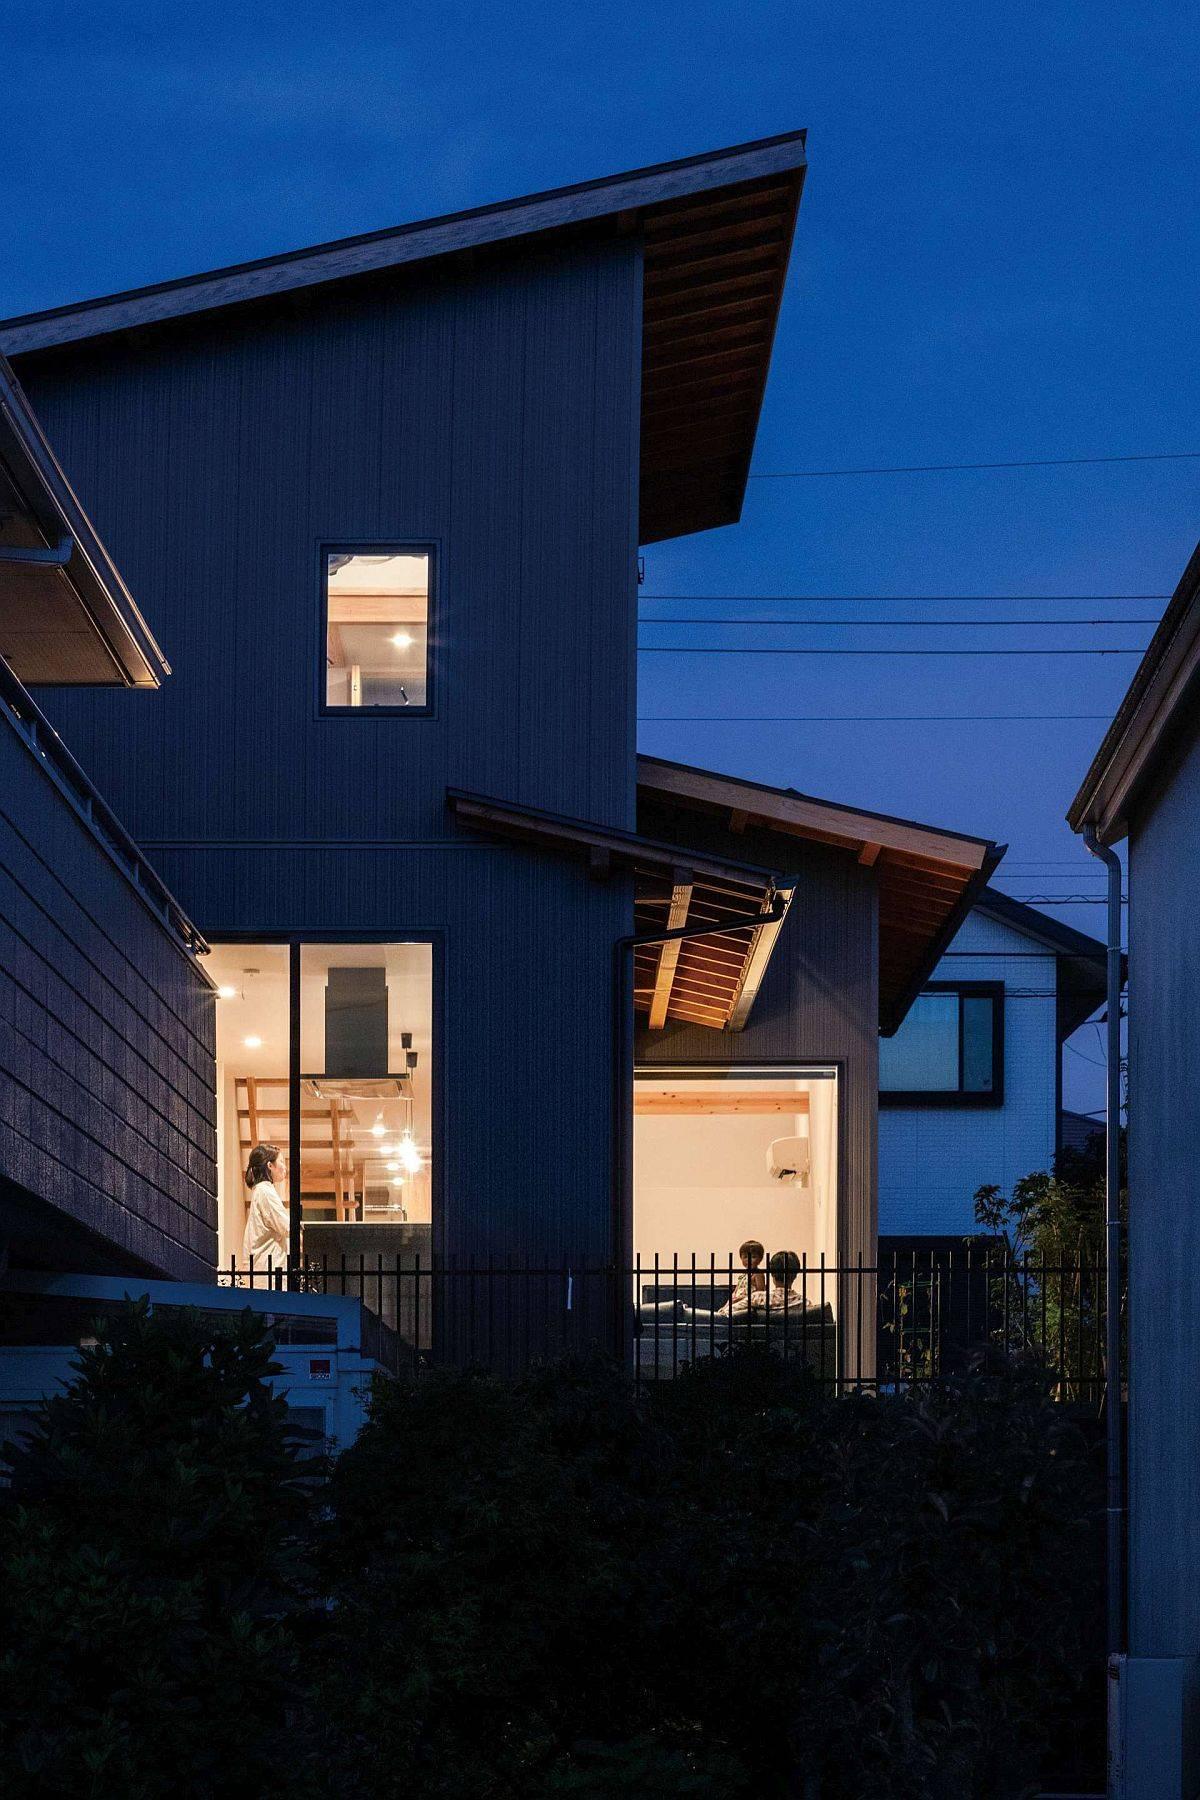 Vue-de-la-maison-japonaise-moderne-de-la-rue-90902